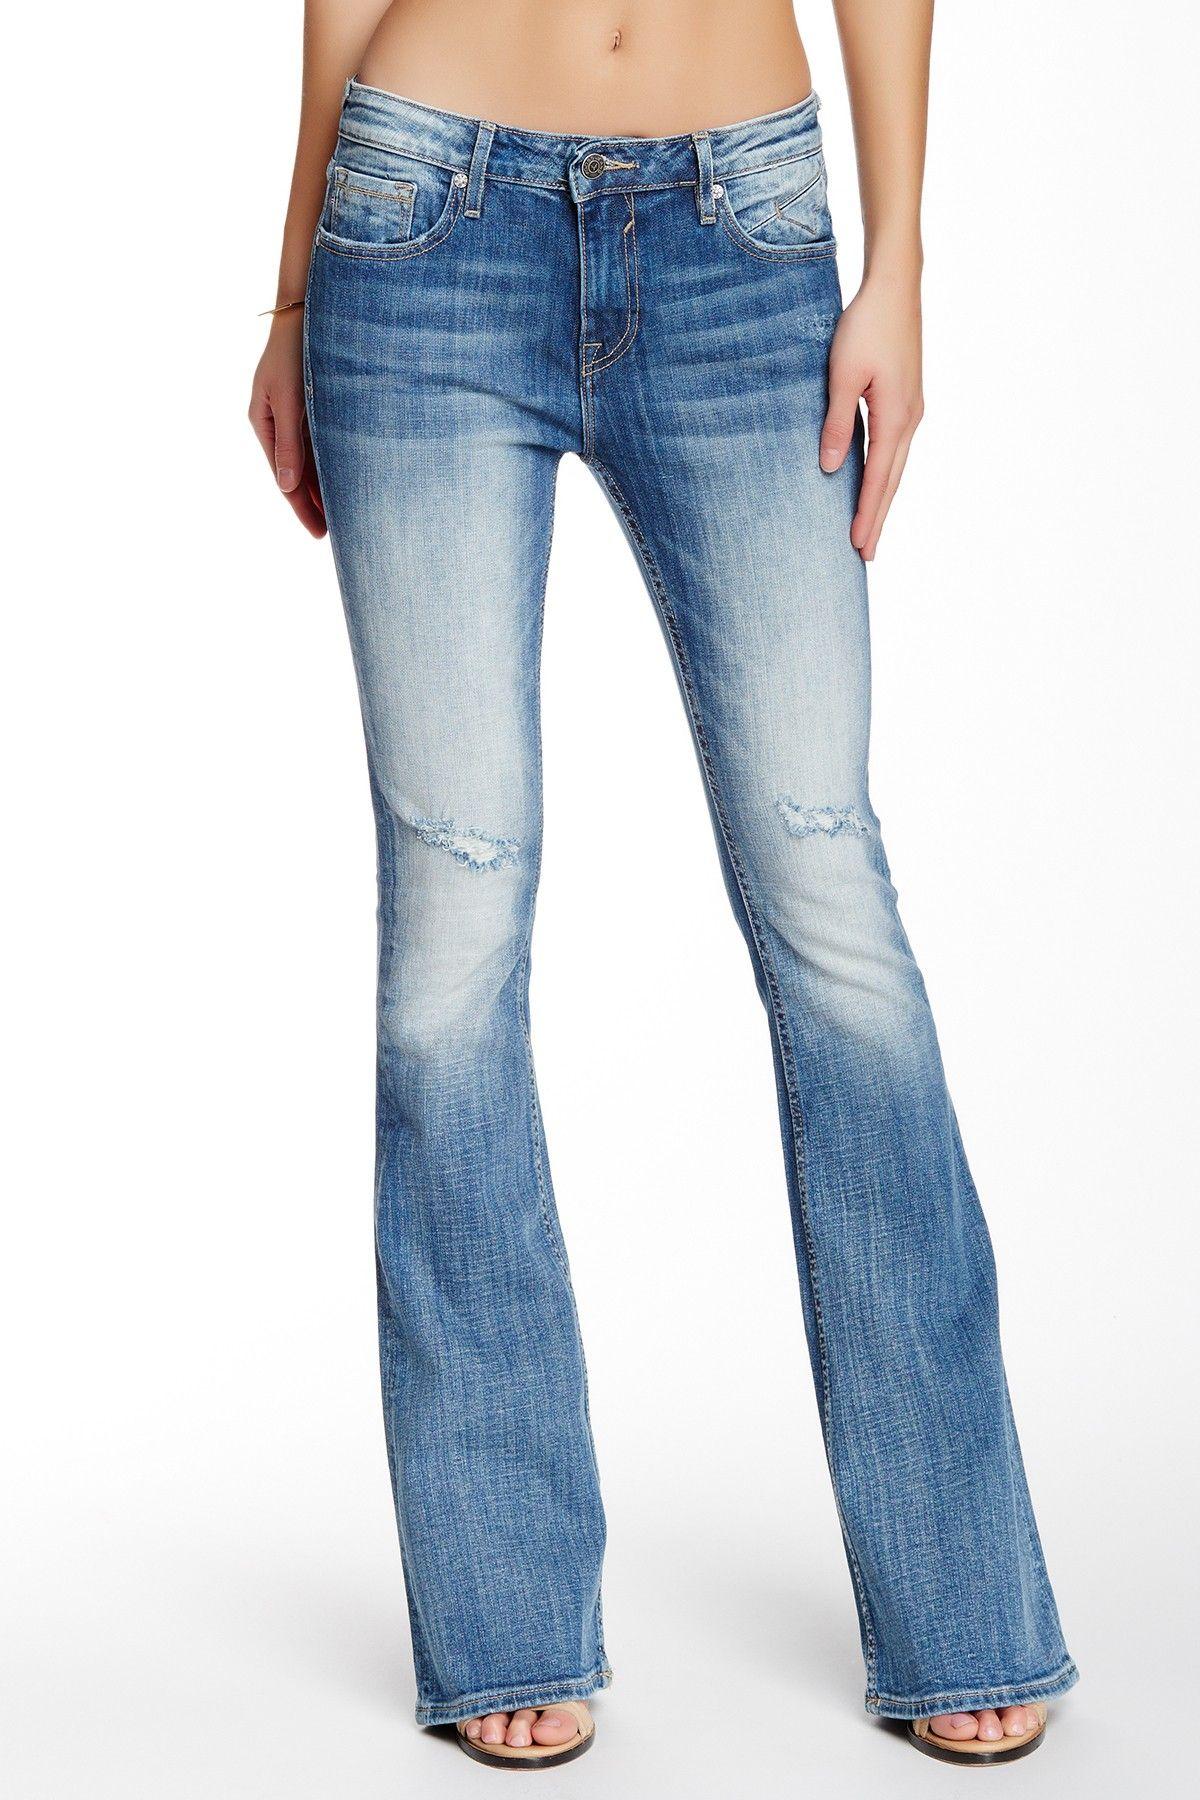 A V DENIM Chelsea Flared Leg Vintage Jean Vintage